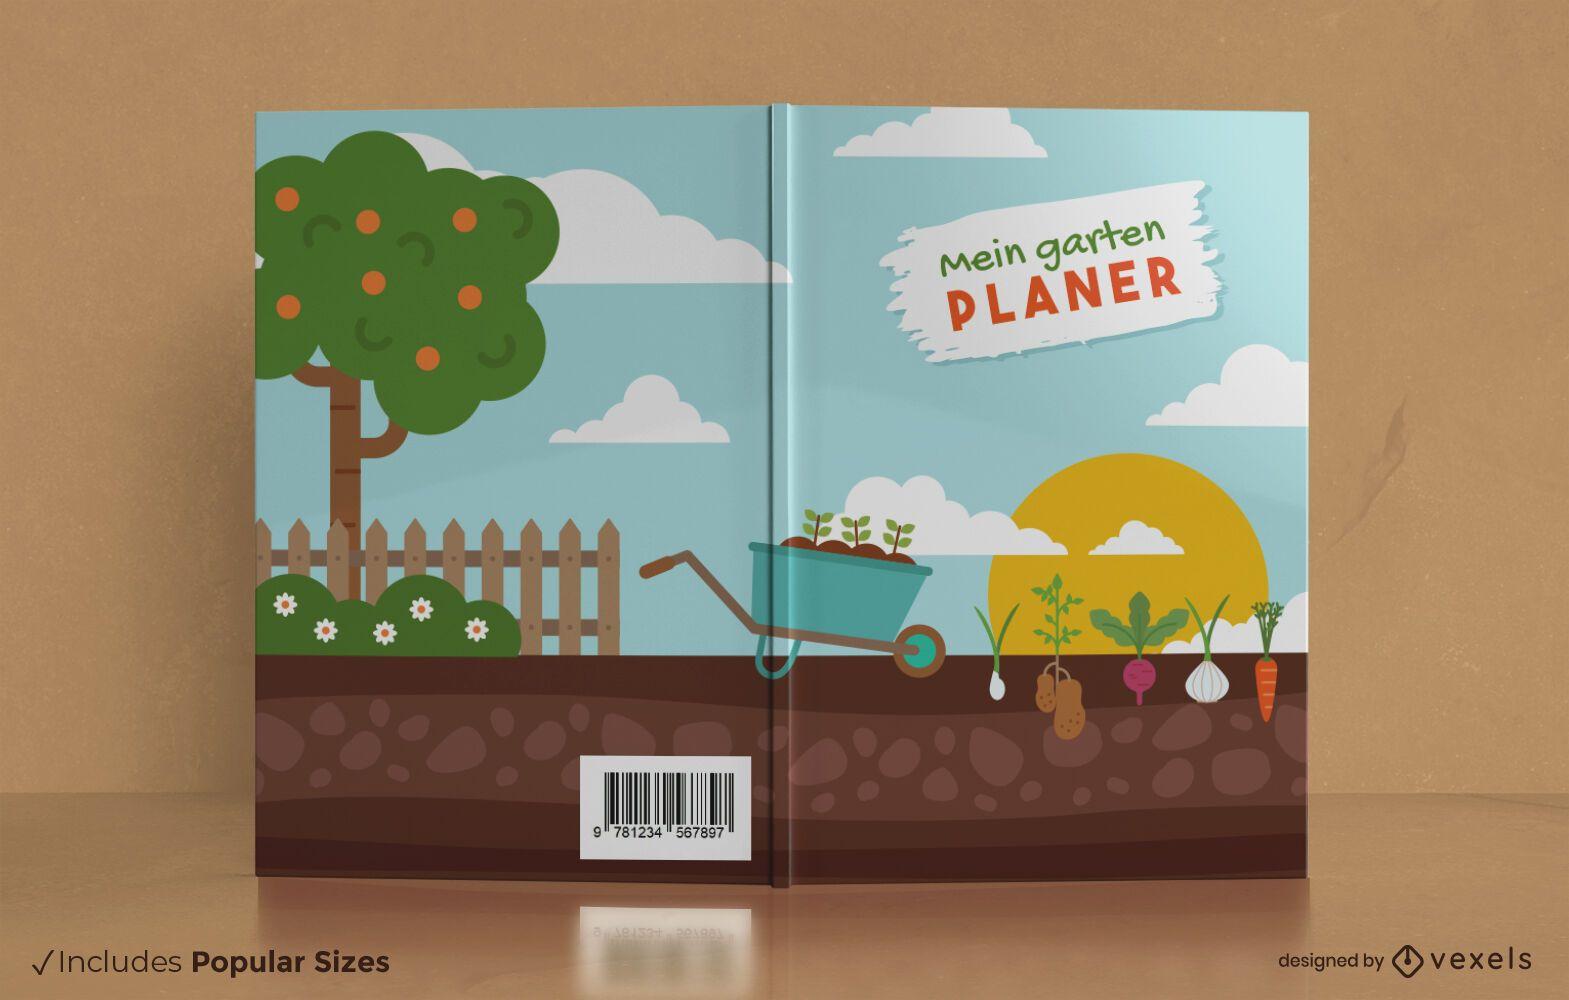 Mein garten planer book cover design